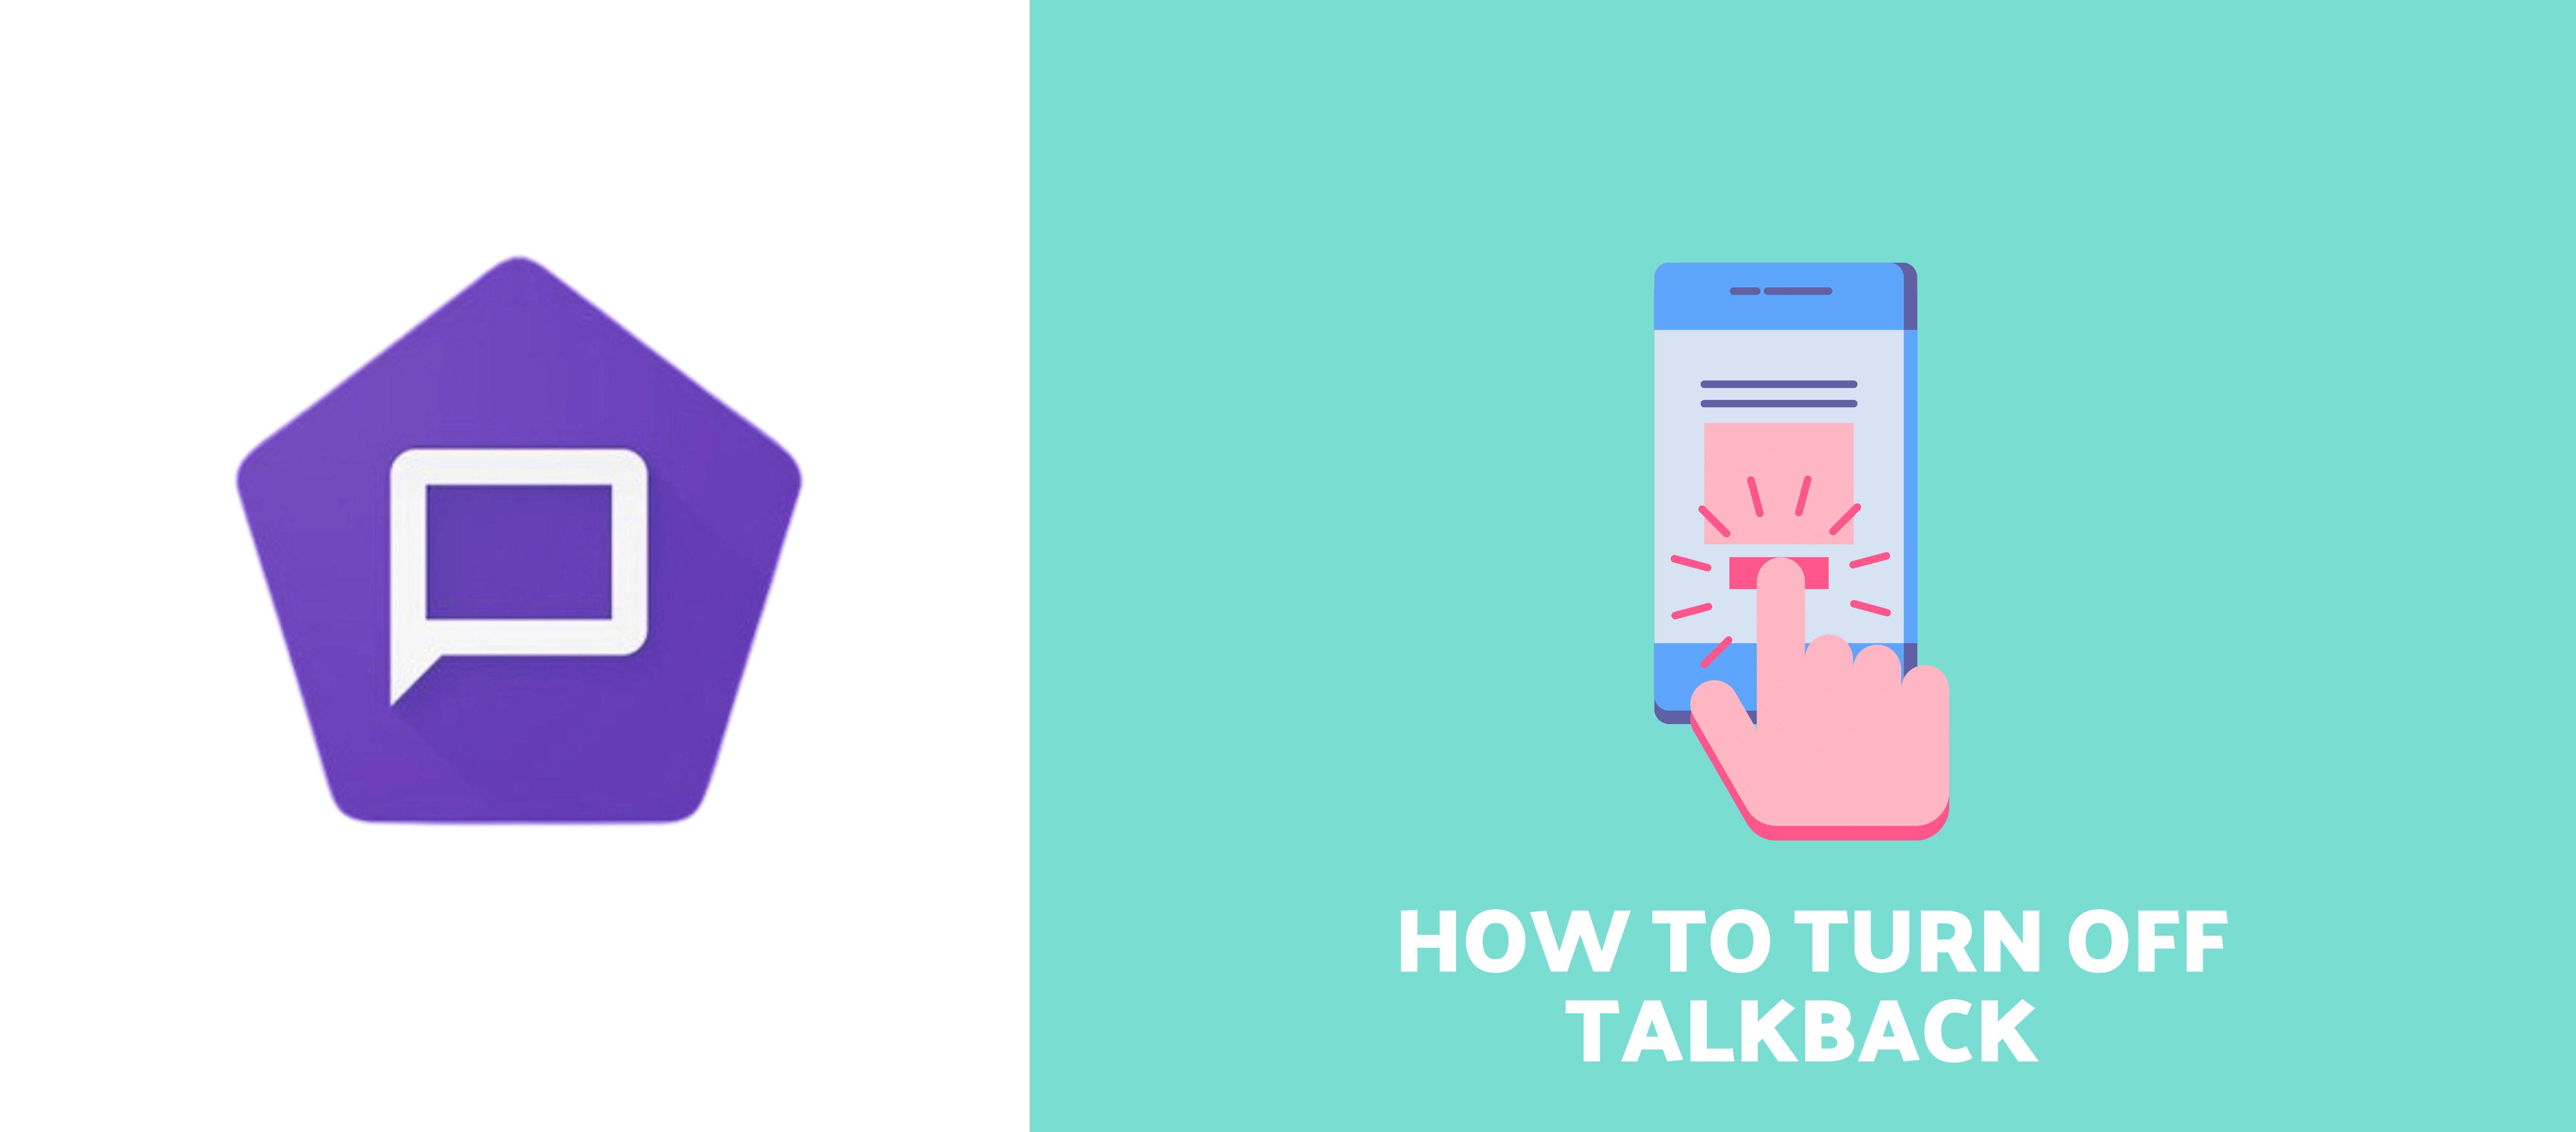 how to turn off talkback